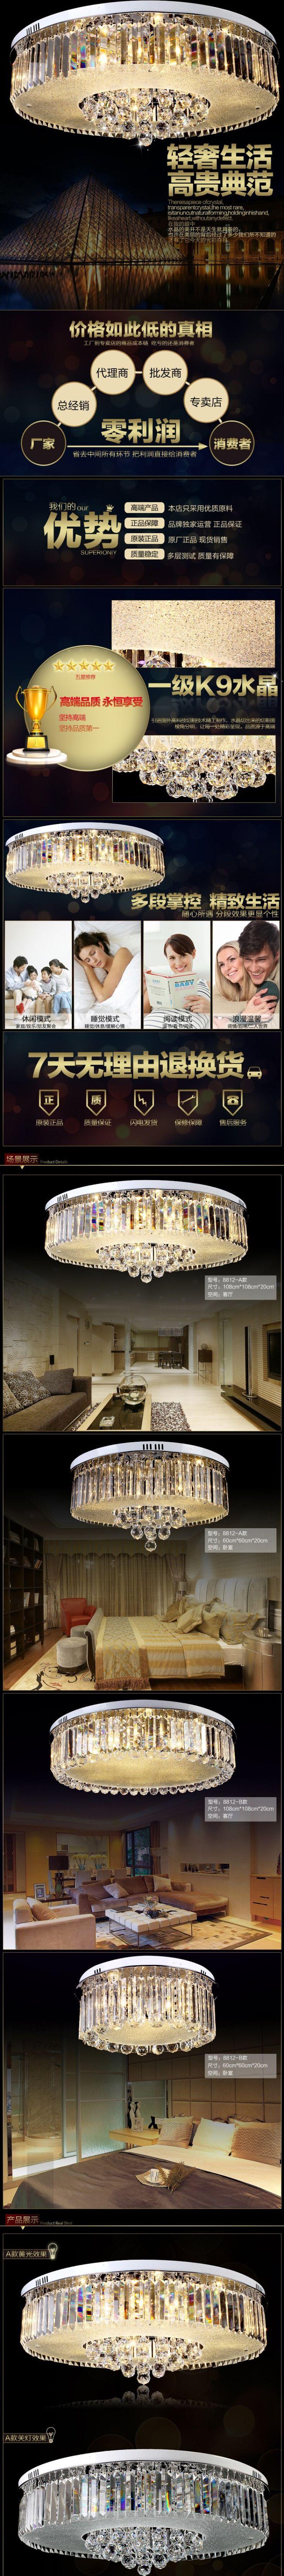 Современные кристалл лампы спальни лампа гостиной лампа кристалл круглый светодиодный кристалл потолочный светильник кристалл лампы освещения ресторана - Taobao